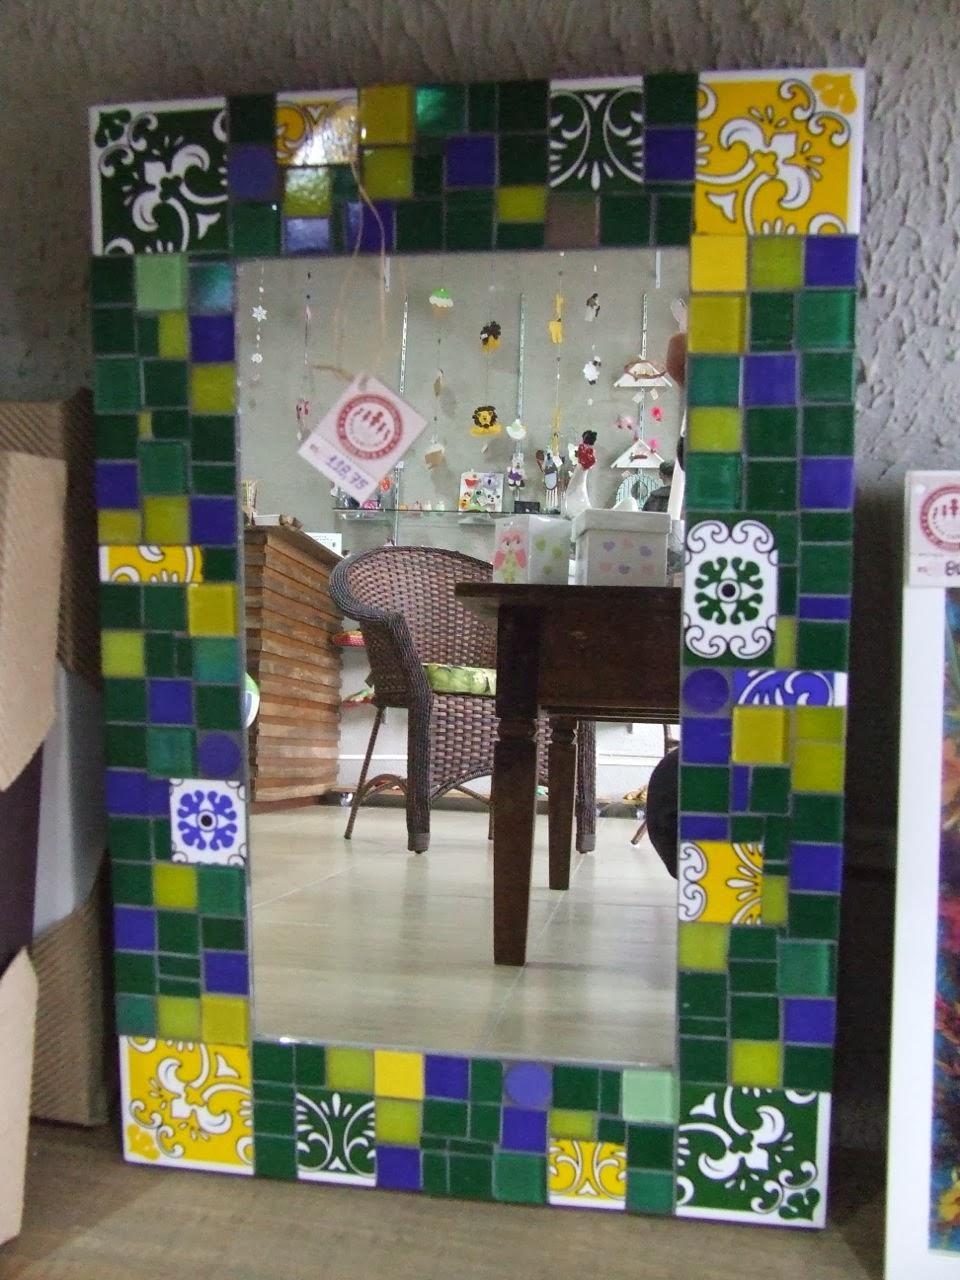 Adesivos De Parede Infantil Homem Aranha ~ tramas e cacos Arte Curitiba loja de artesanato